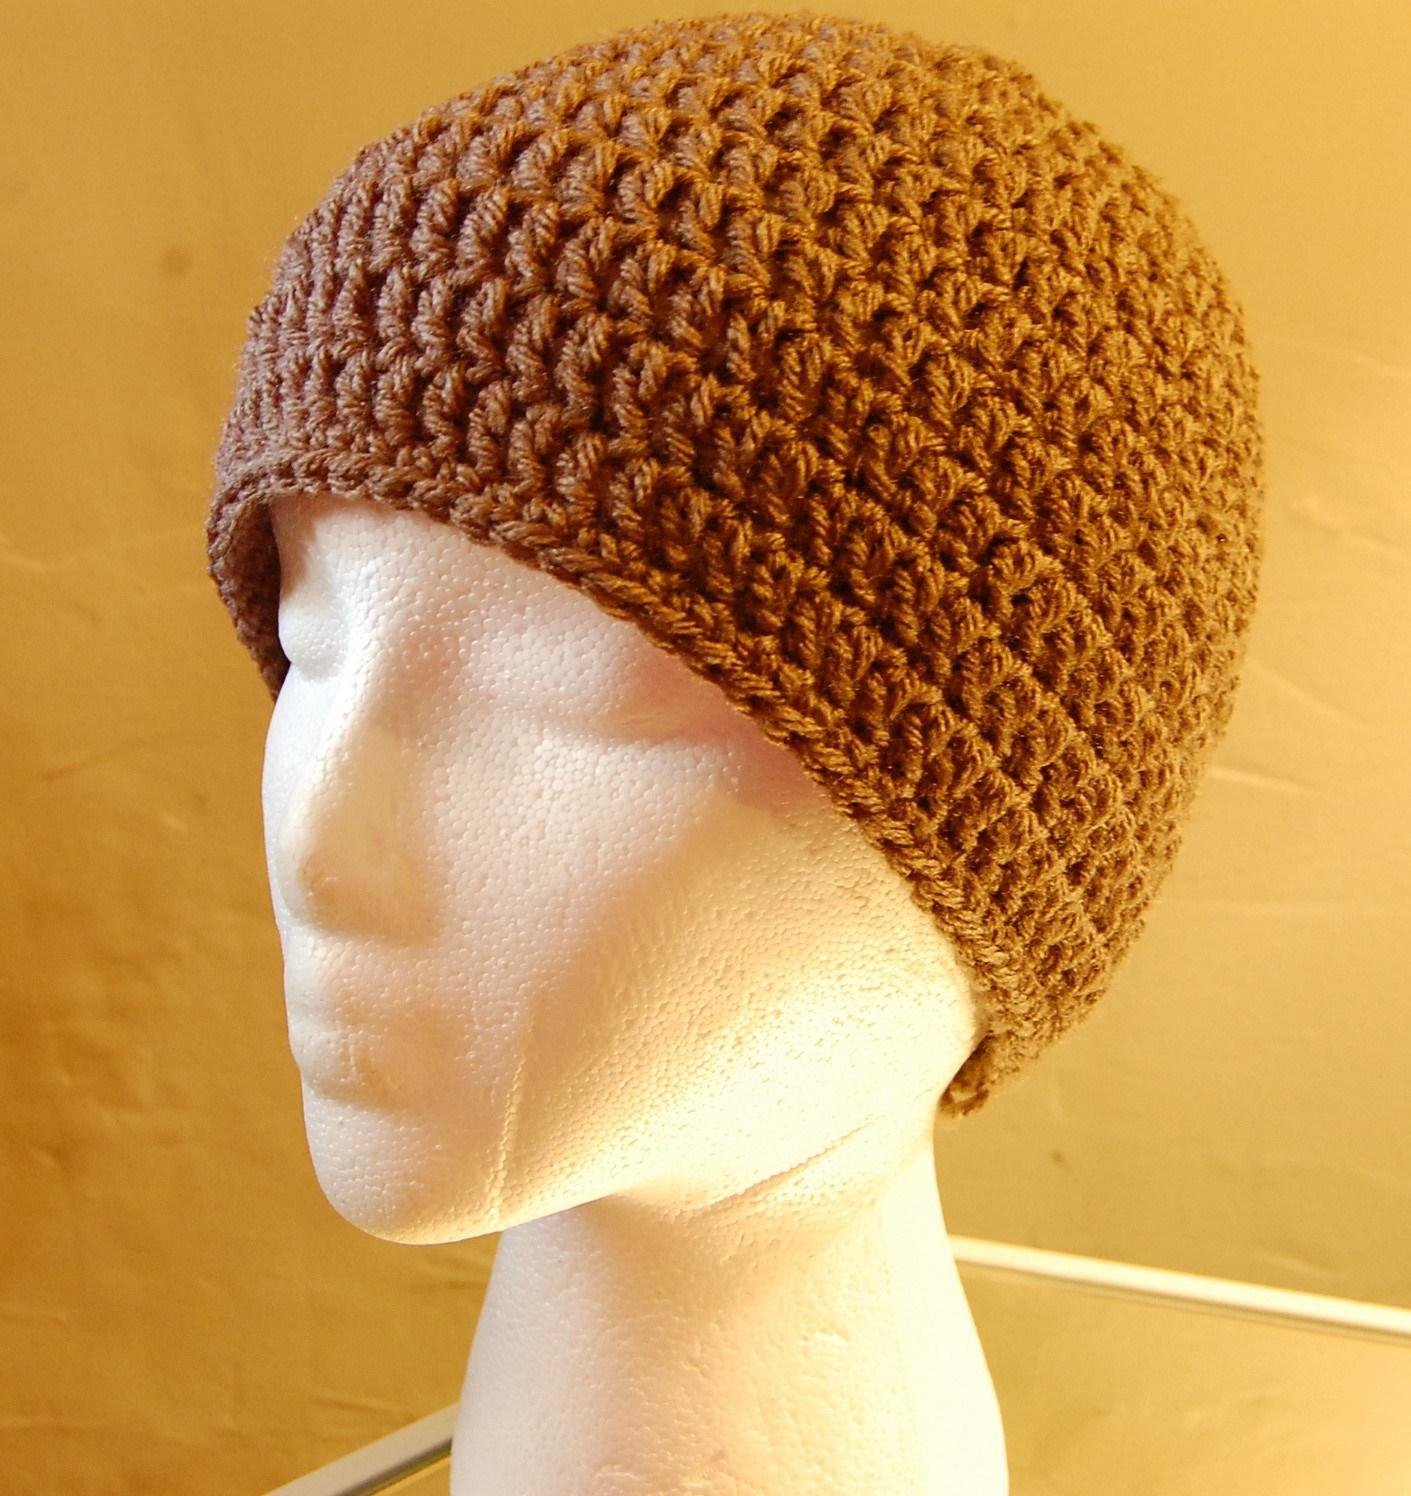 Crochet Beanies For Men Mens Crochet Hat Pattern Jjcrochet